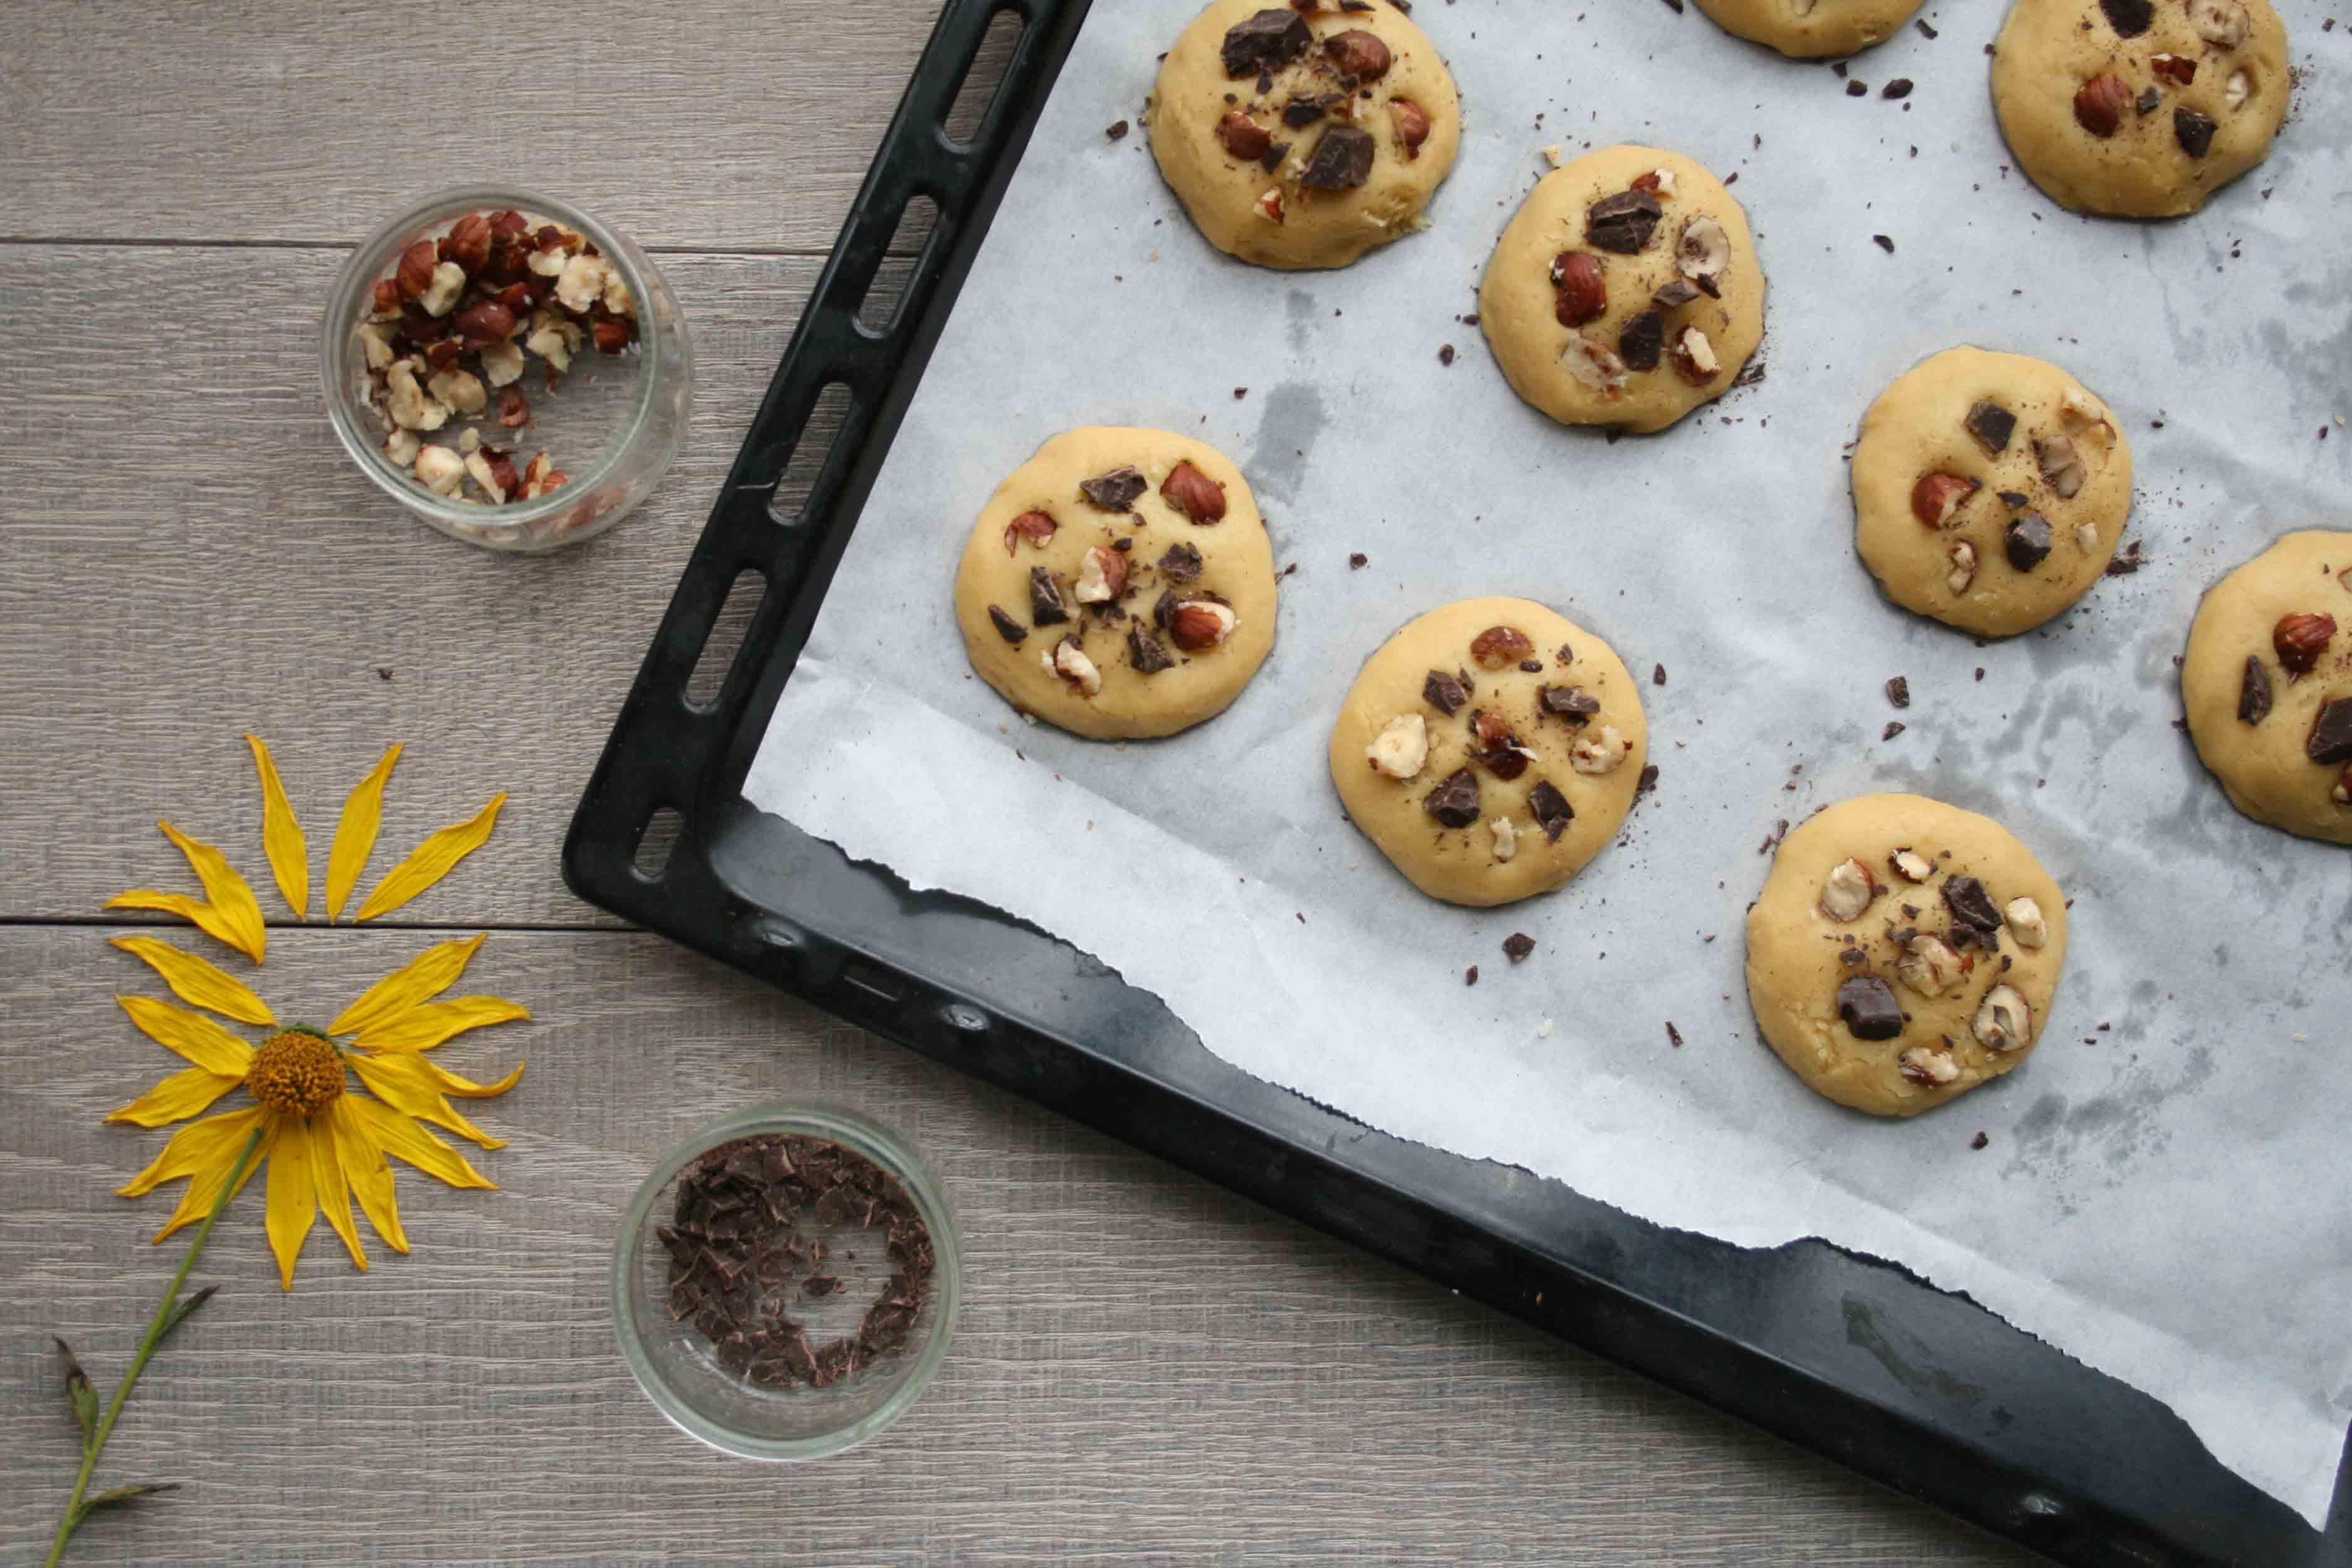 Décoration des cookies